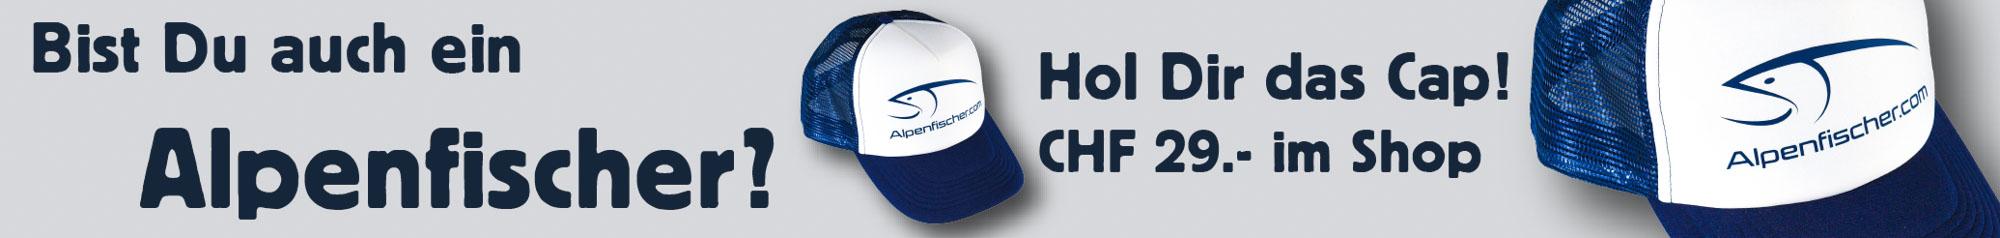 Alpenfischer Onlineshop, Shop Fischen, Shop Angeln